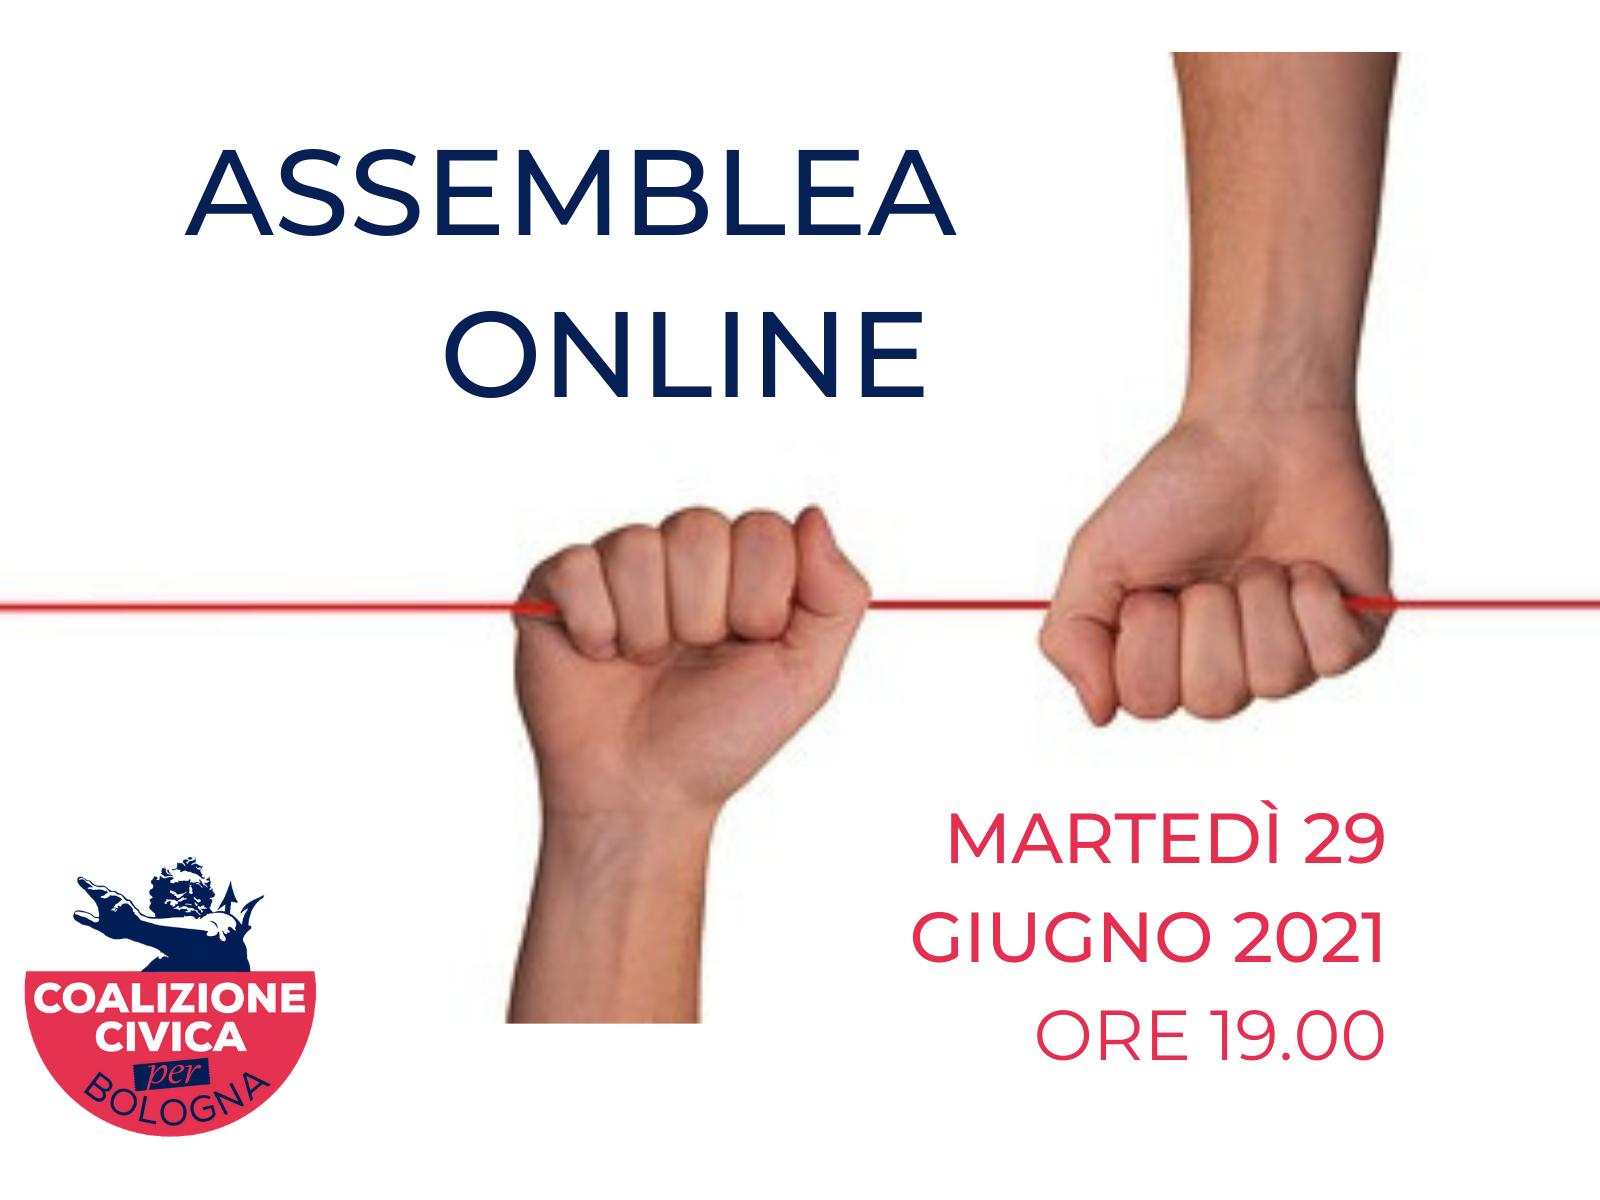 Convocazione assemblea 29 giugno 2021